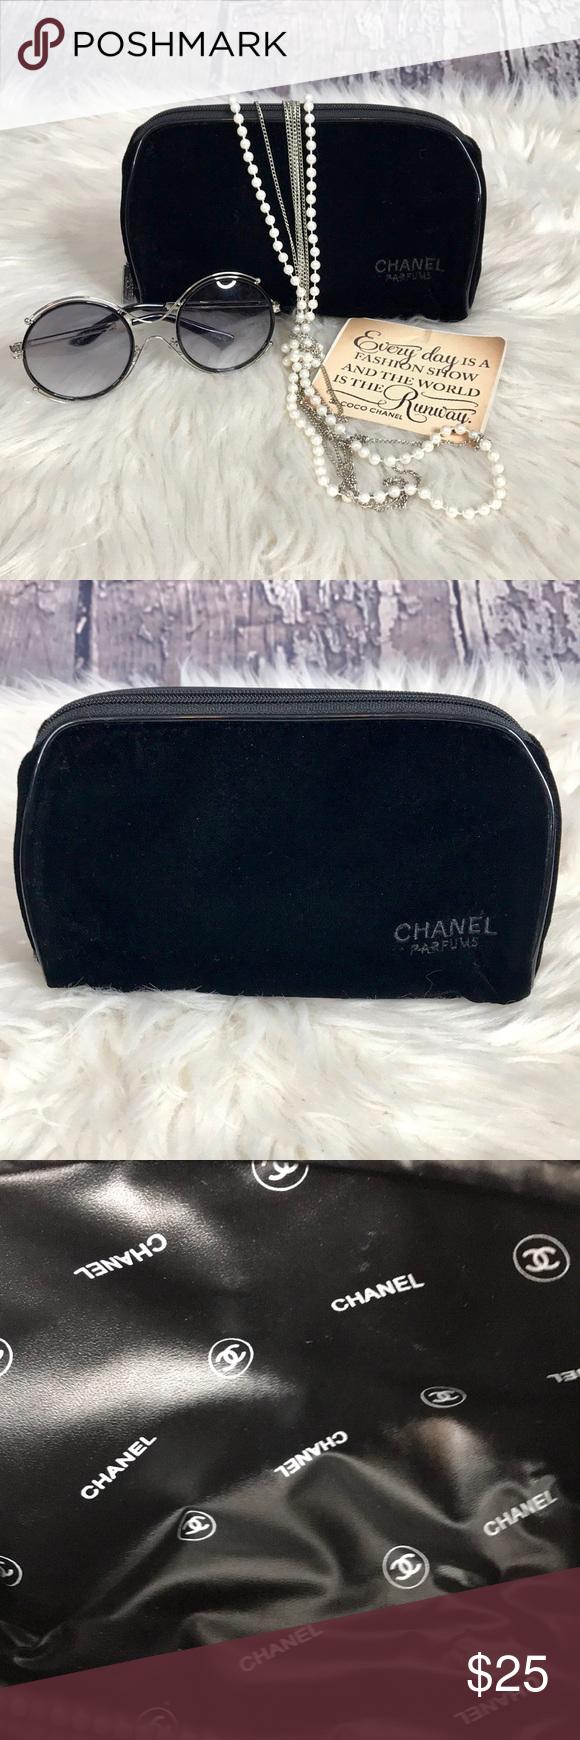 Chanel Velvet Black Make Up Bag Round with Zipper New